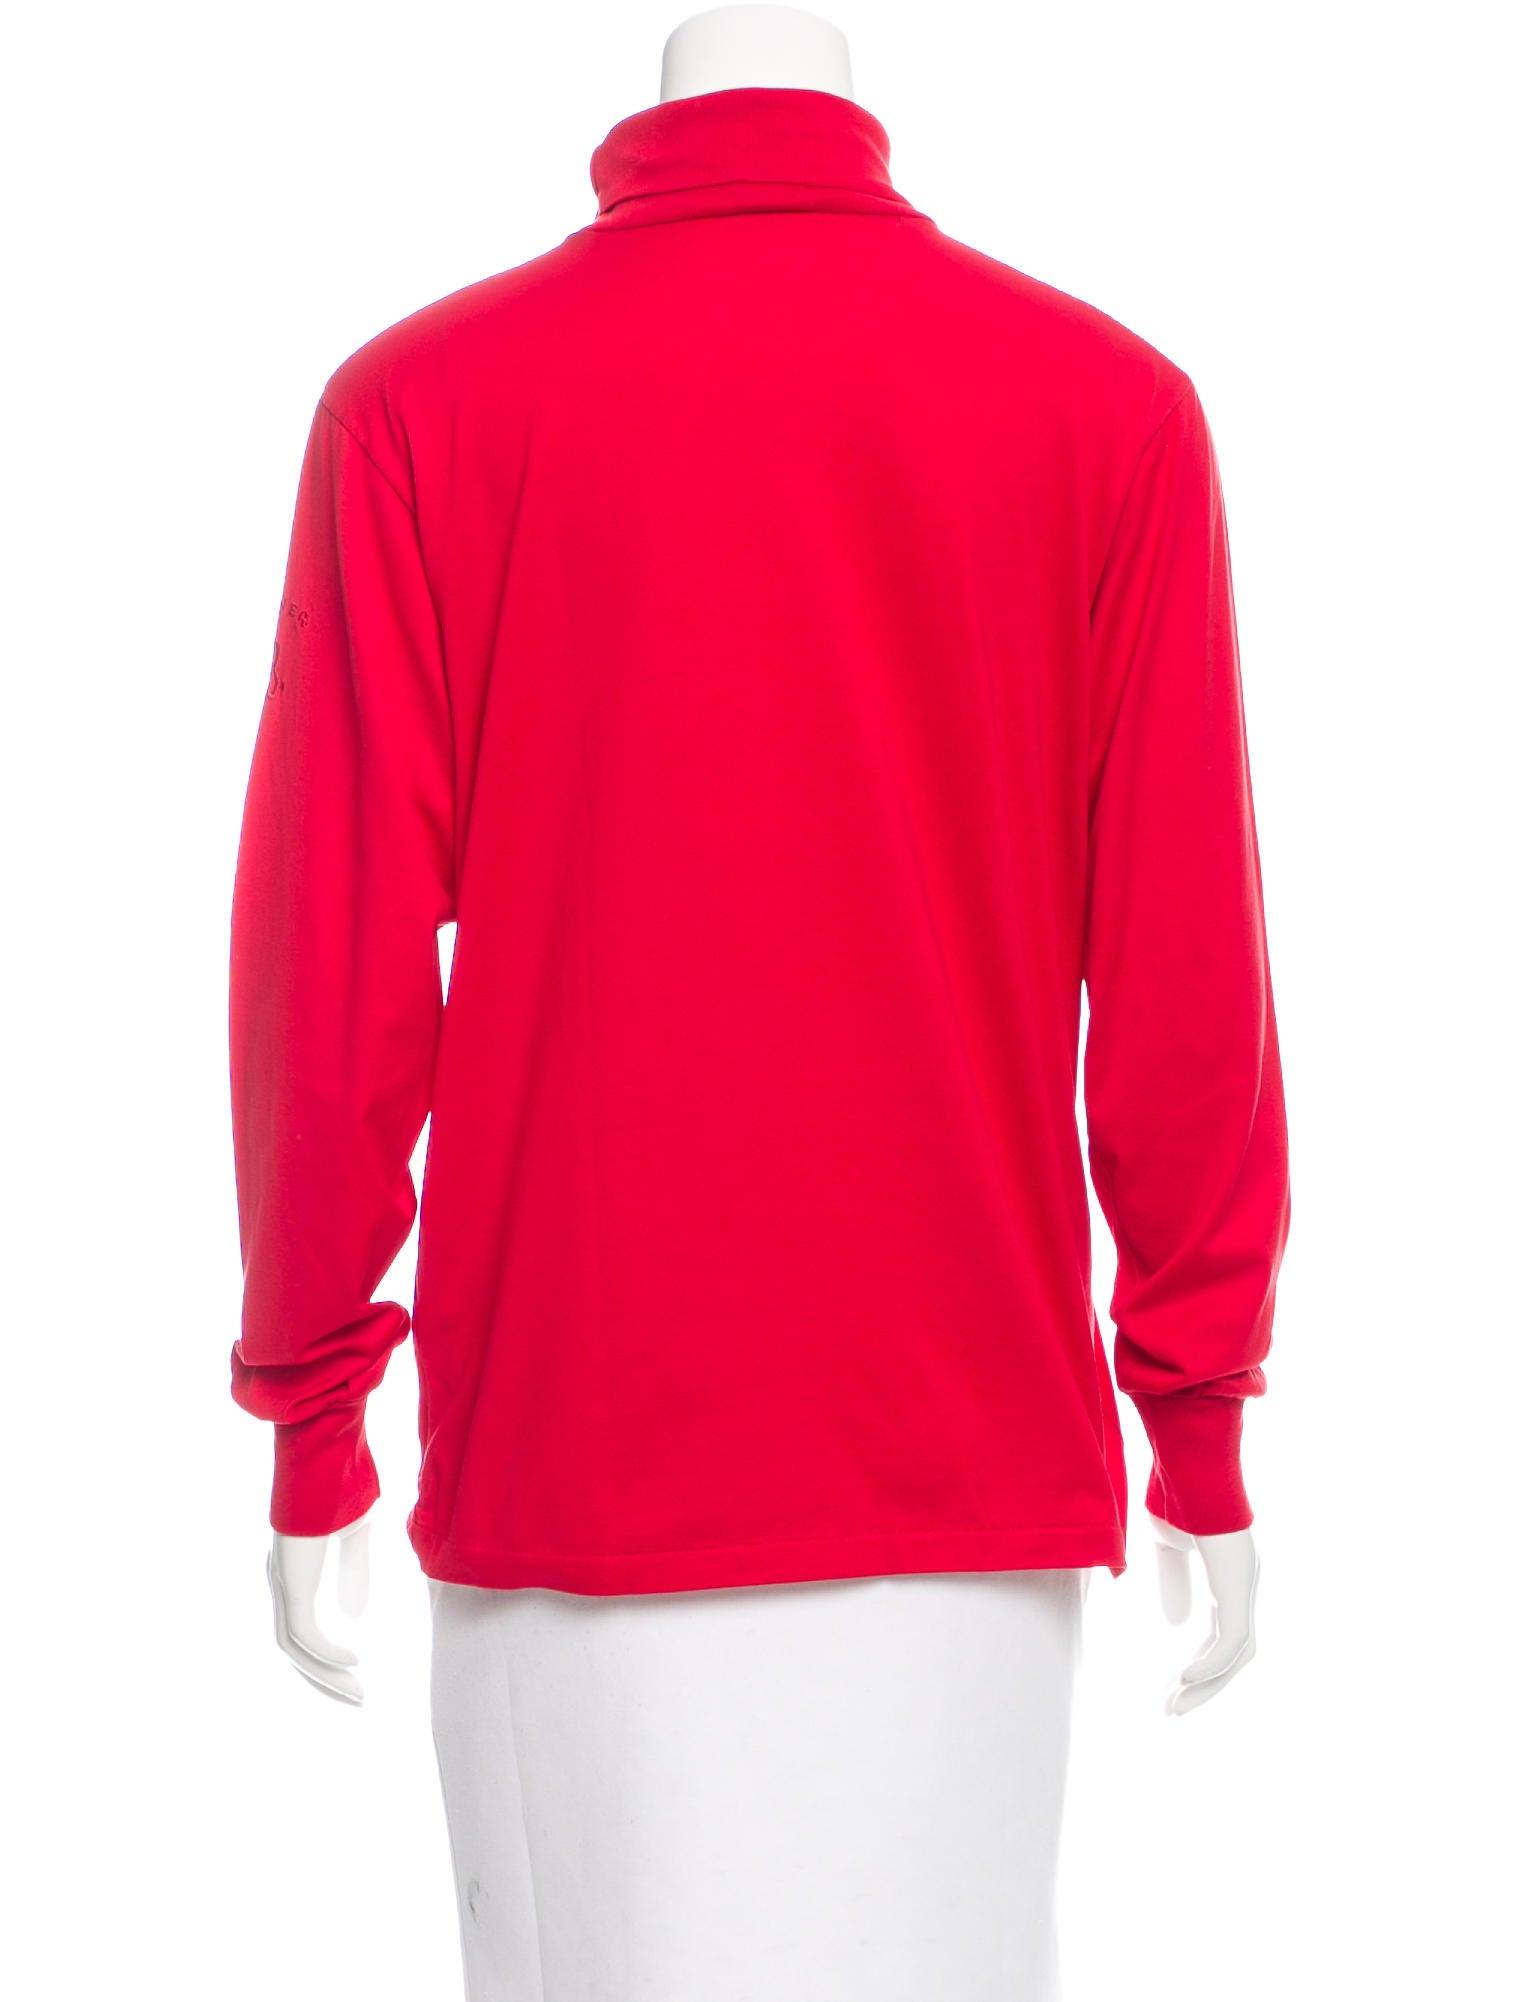 bogner sleeve turtleneck top clothing wb120396